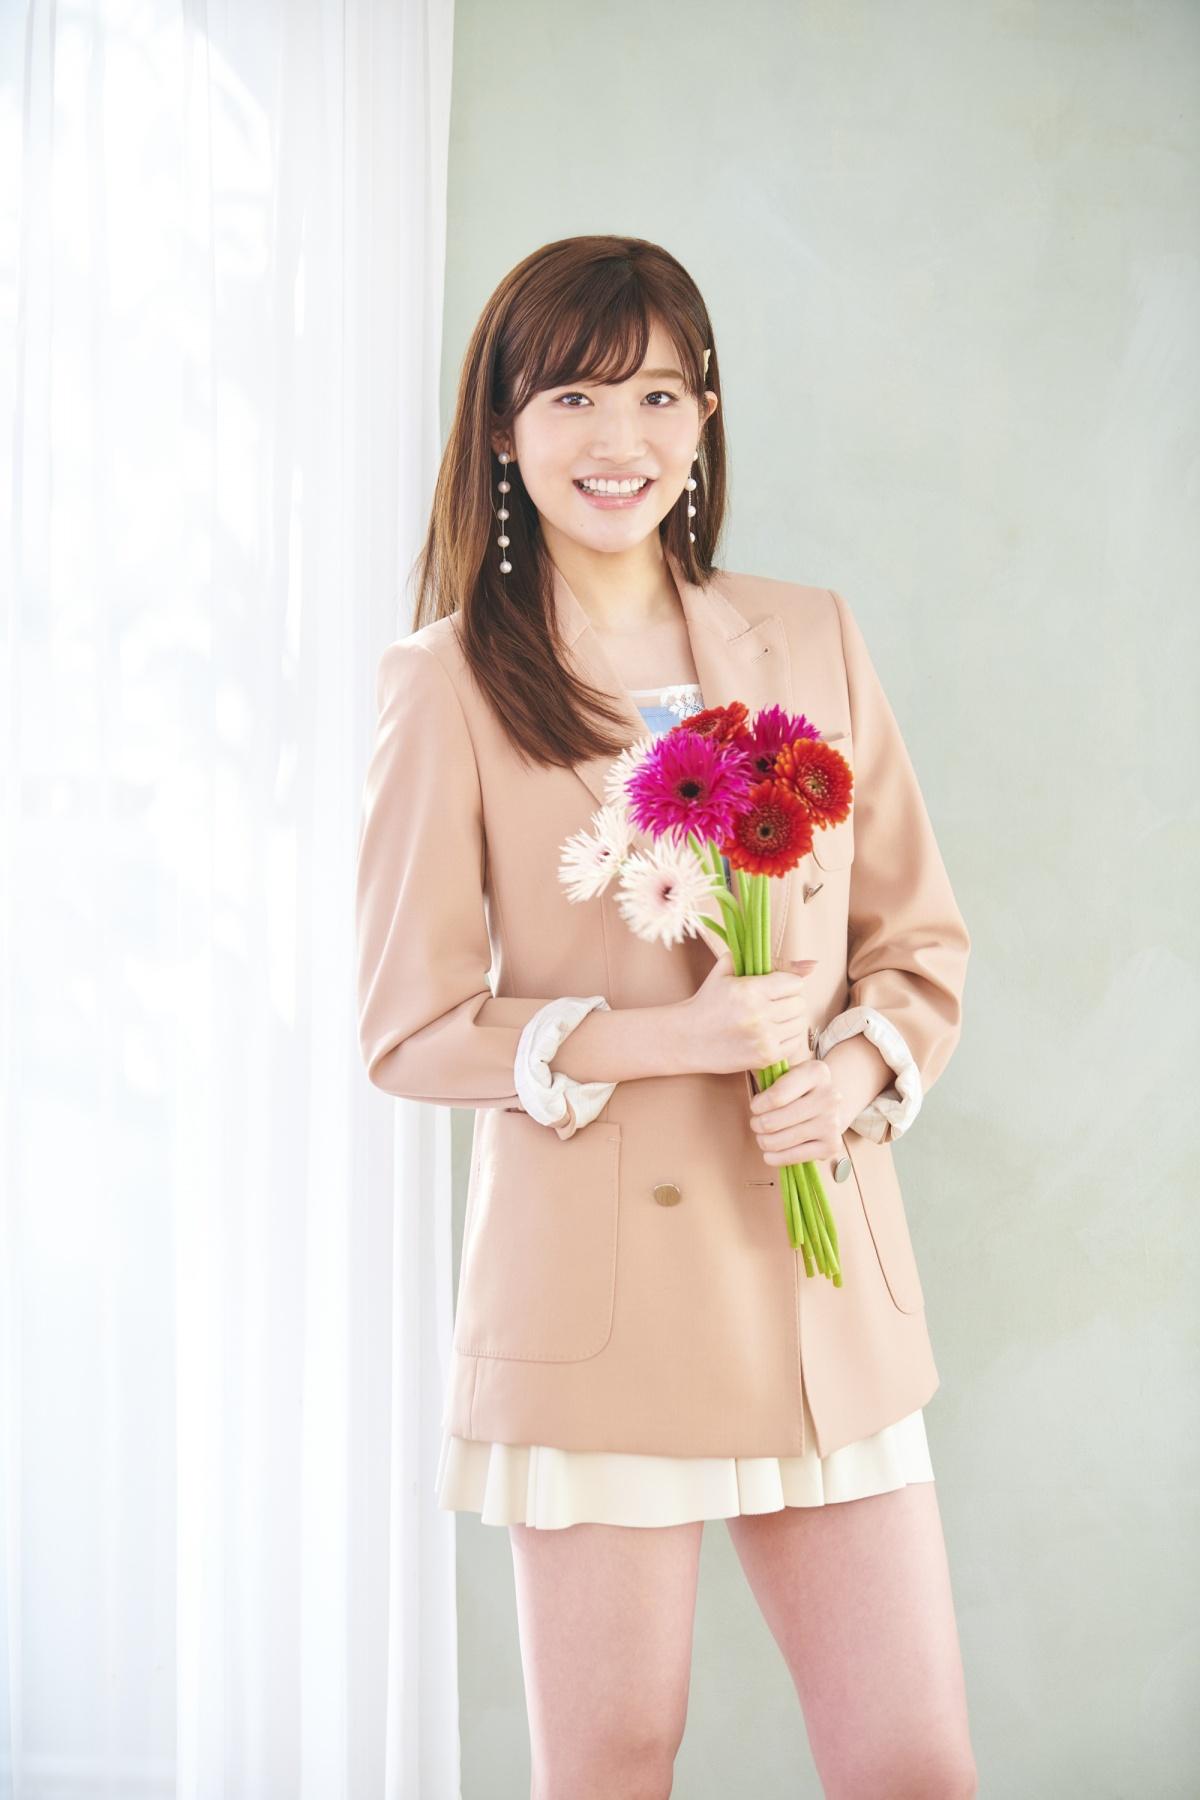 旭化成 今年の 顔 に21歳 現役女子大生の橘遥菜 事務所所属1年で大抜てき Oricon News